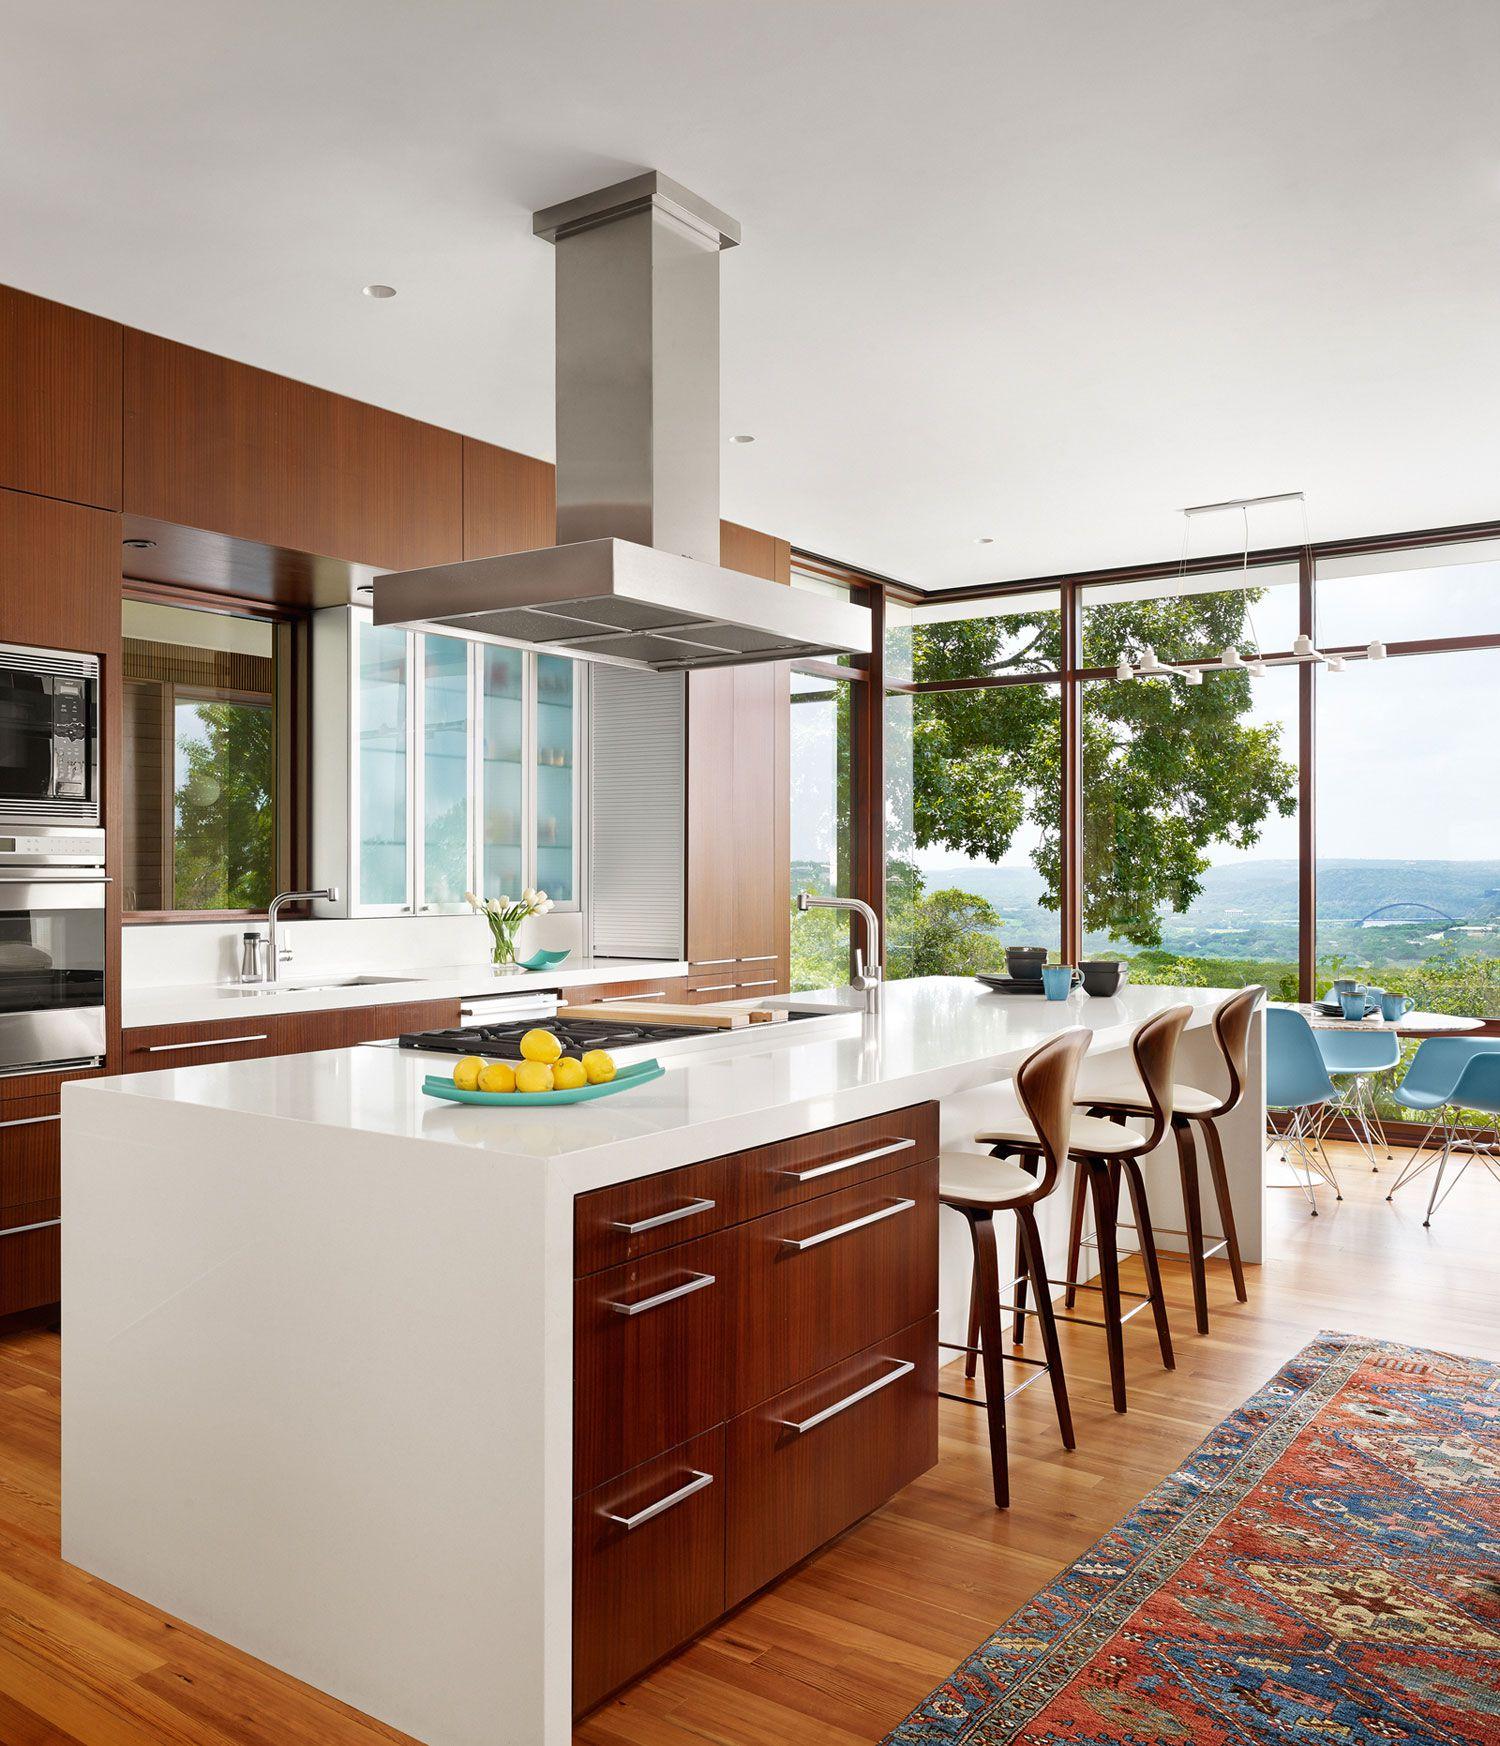 Lake-View-Residence-14